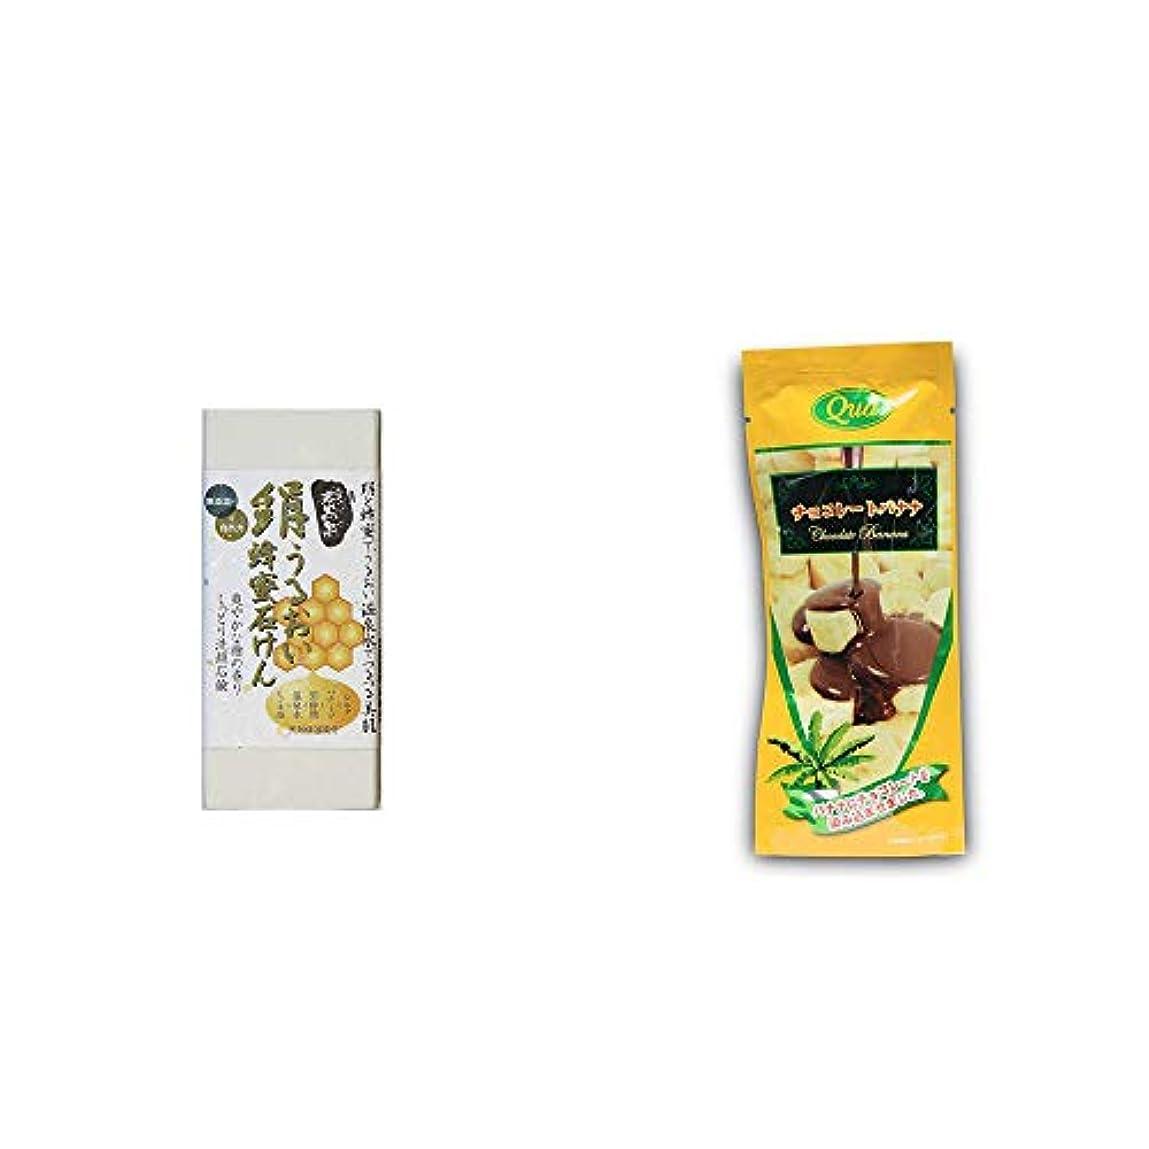 レンド次へ瀬戸際[2点セット] ひのき炭黒泉 絹うるおい蜂蜜石けん(75g×2)?フリーズドライ チョコレートバナナ(50g)